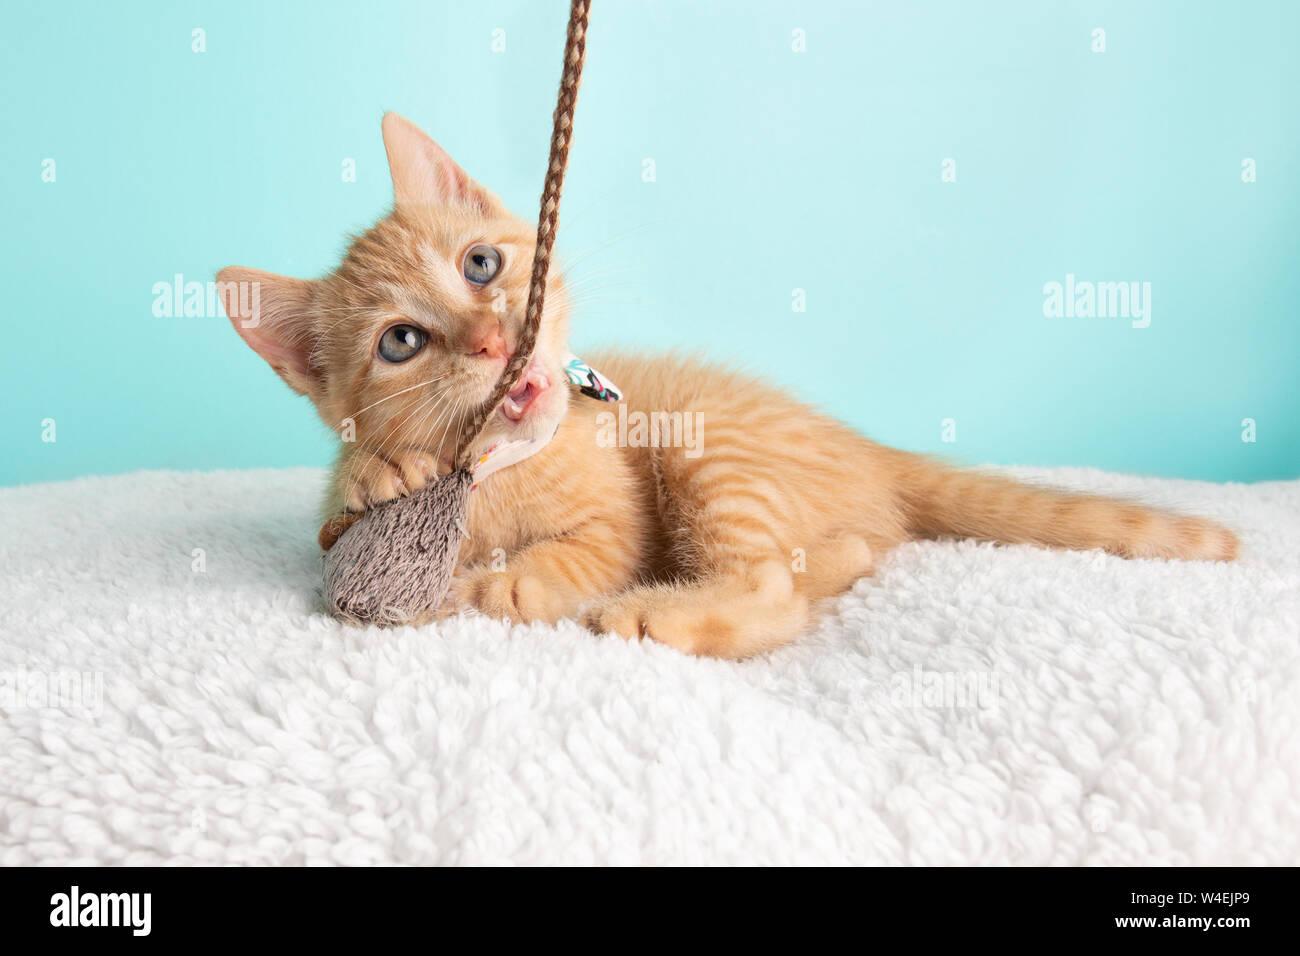 Lindo gatito gato atigrado naranja jóvenes vestidos de rescate Flor Blanca Pajarita acostada mirando hacia arriba tocando y mordiendo el ratón y cadena de juguete Backgroun azul Foto de stock